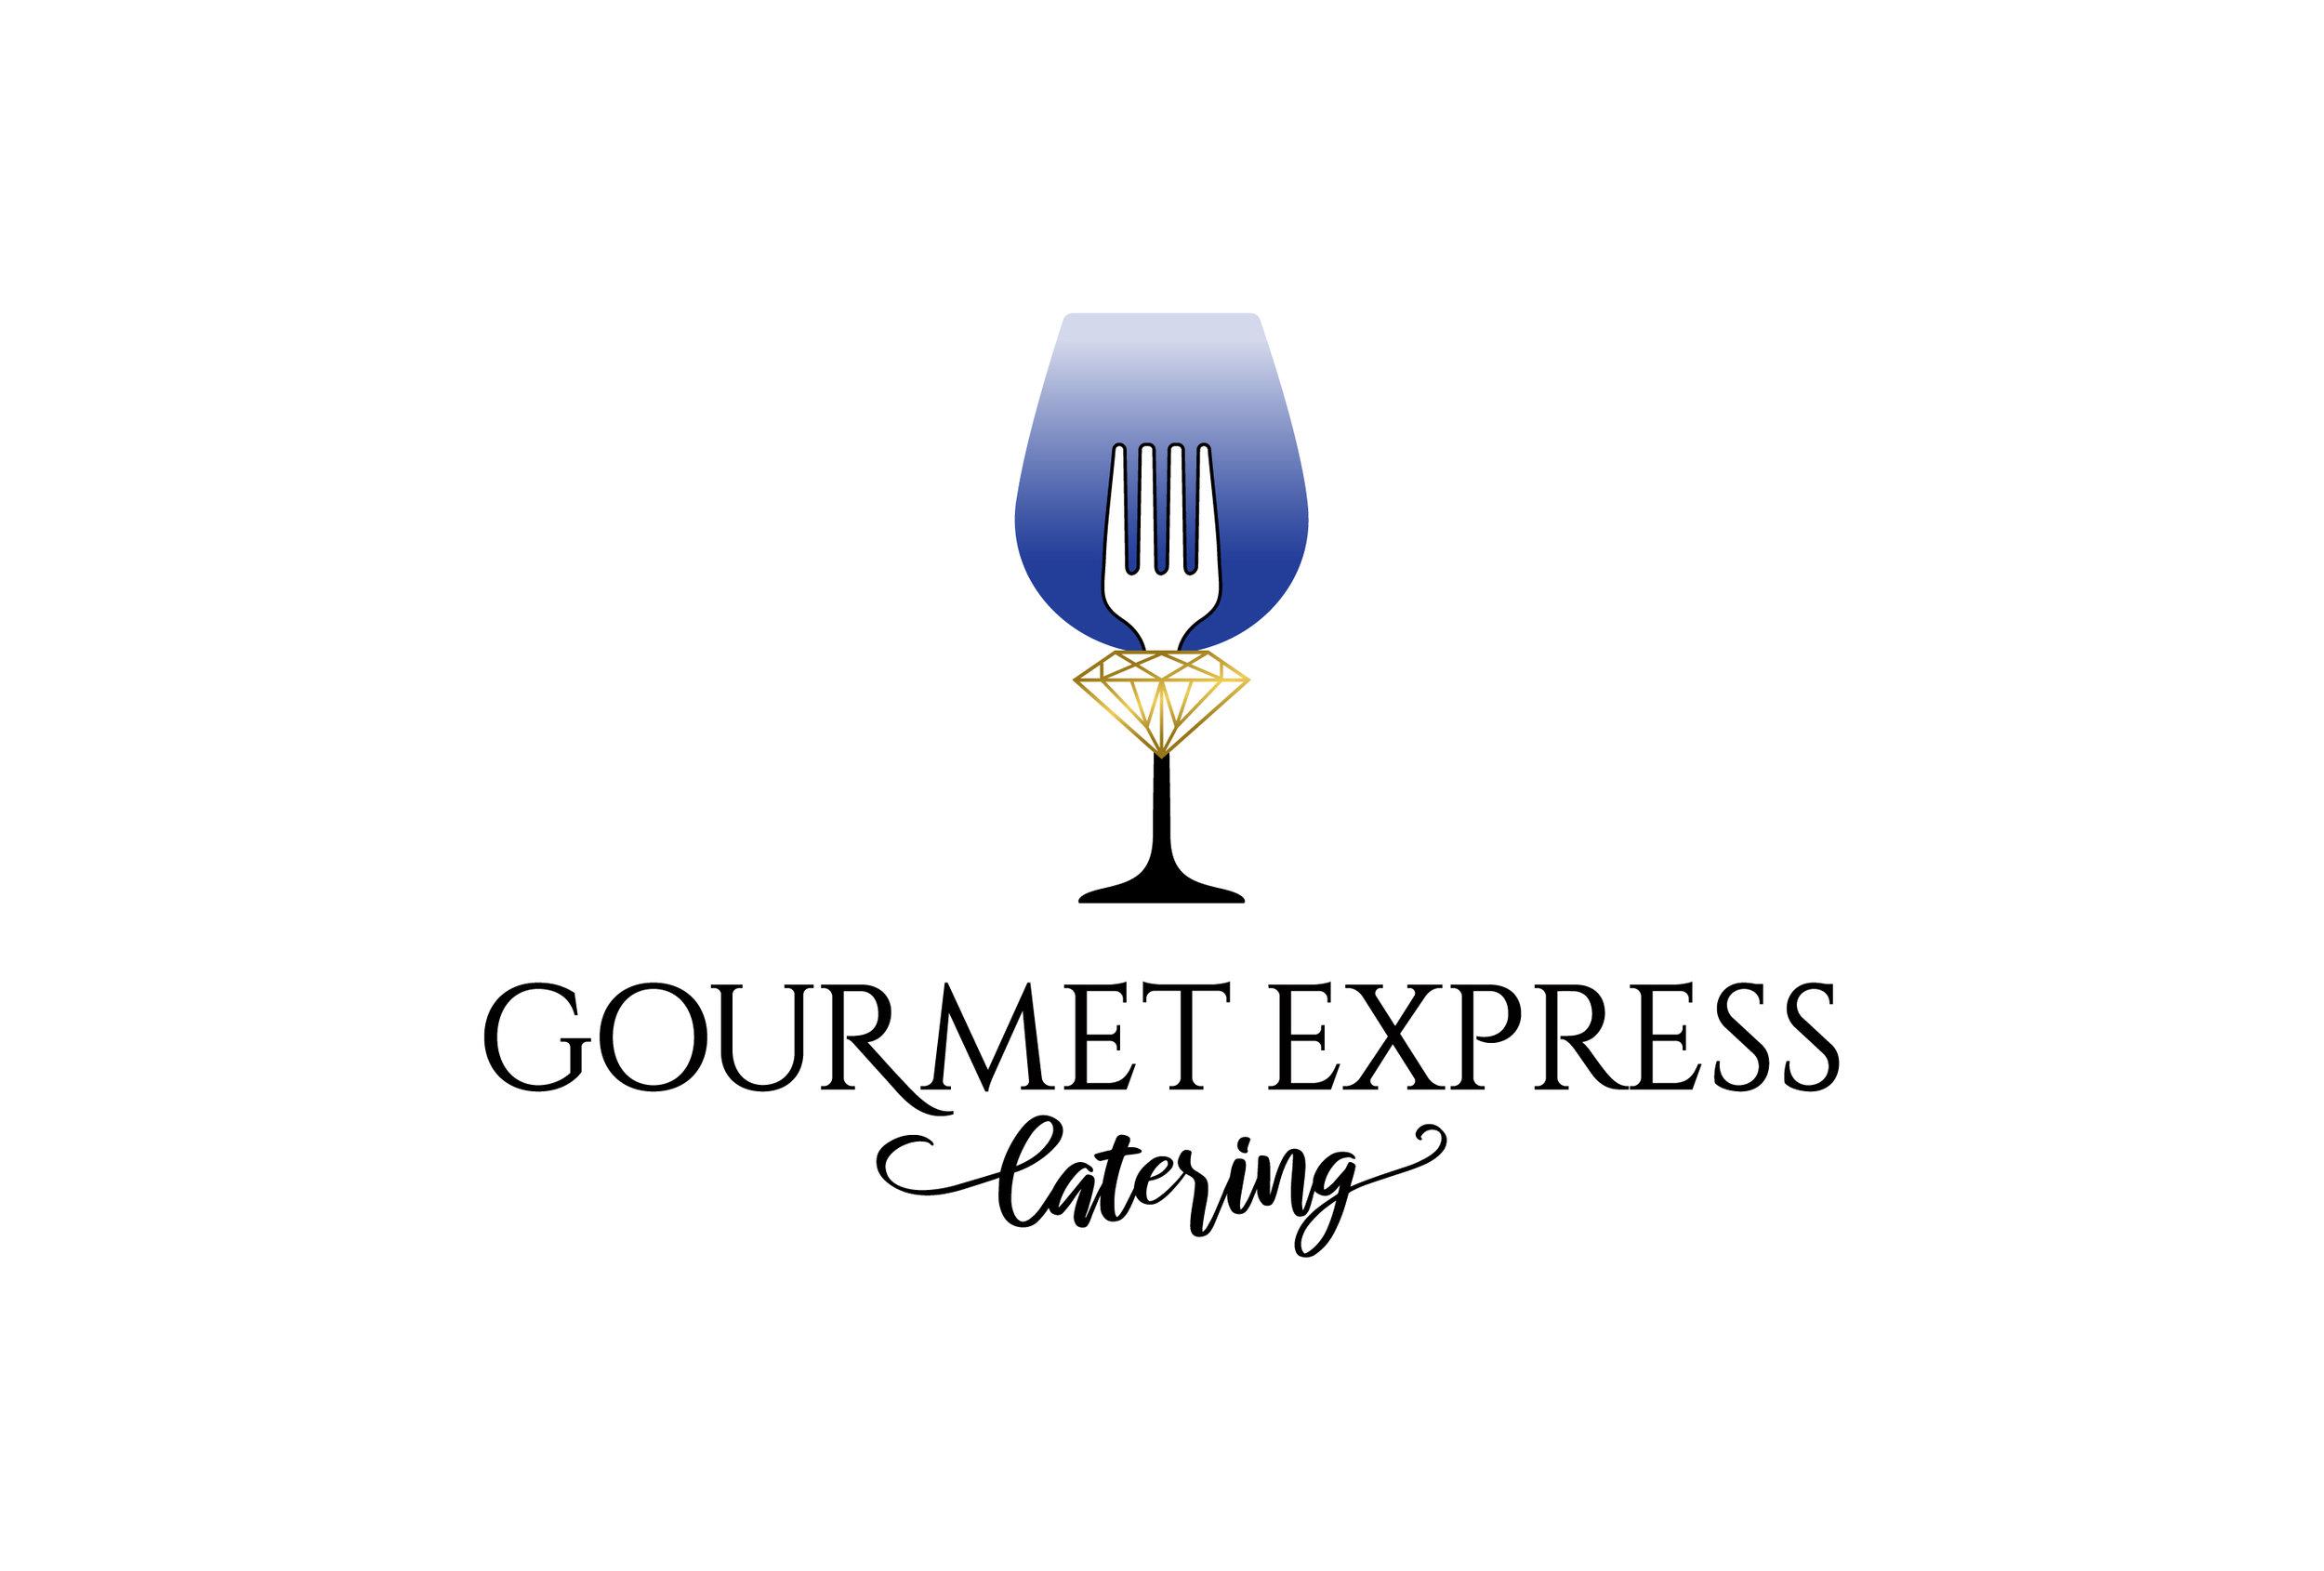 MM_Gourmet Express6-01.jpg